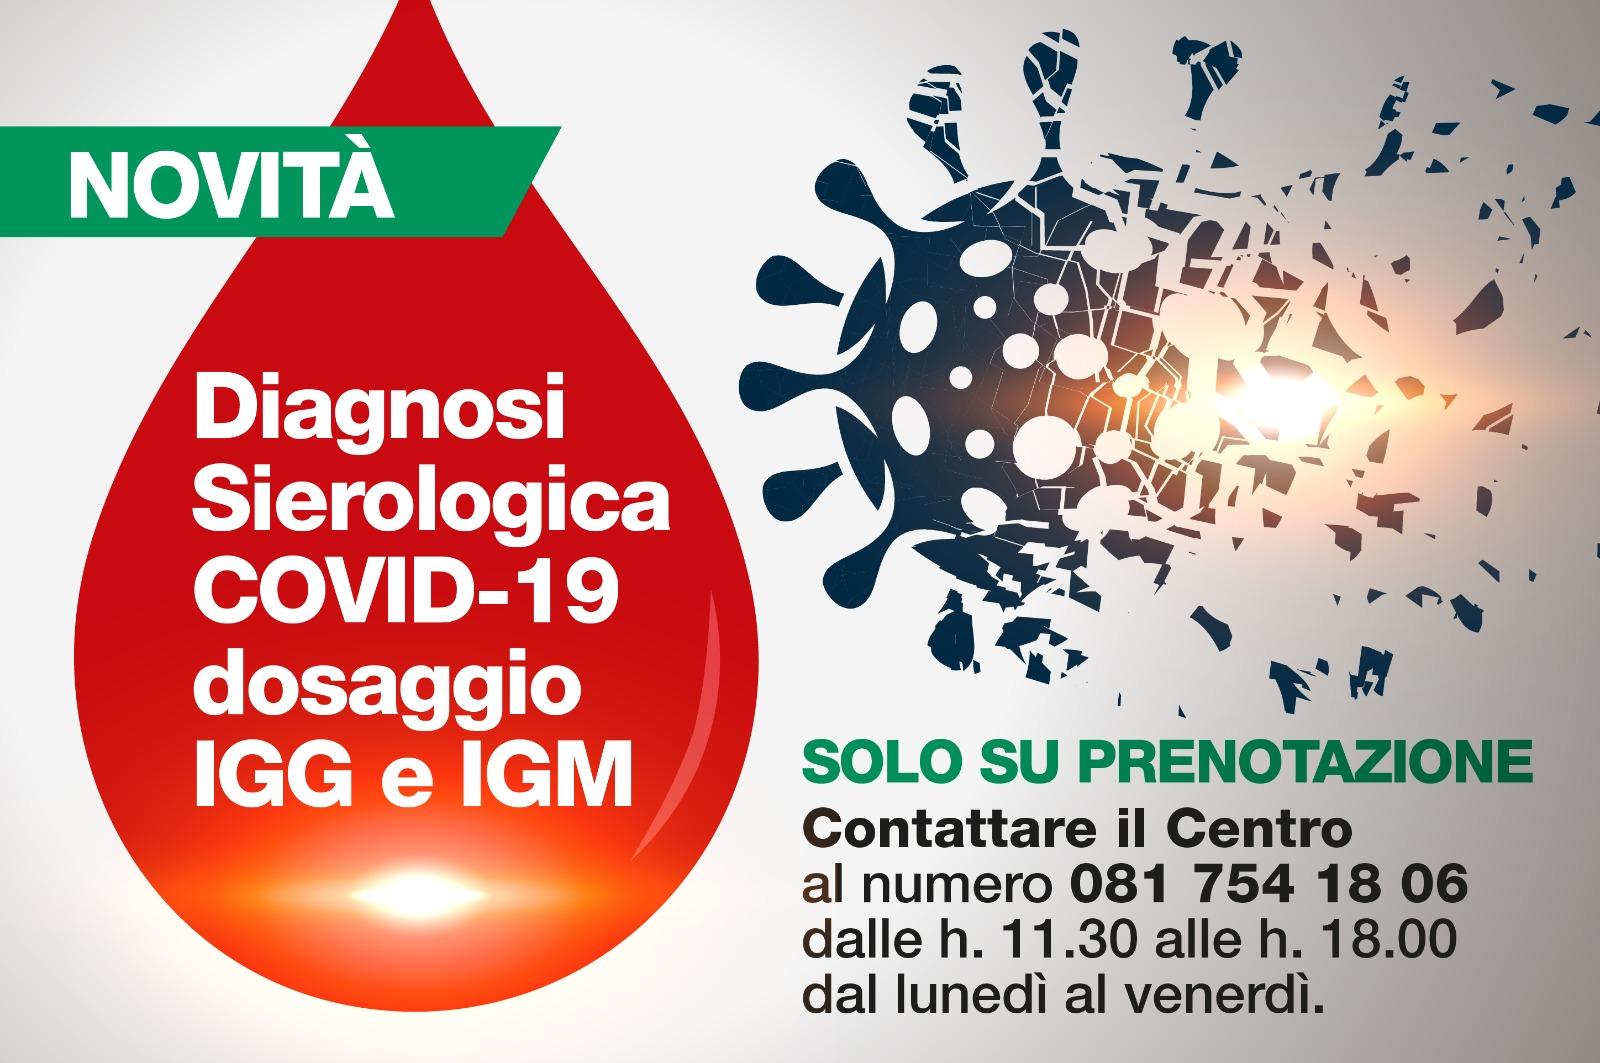 Diagnosi Sierologica  Covid-19 dosaggio IGG e IGM